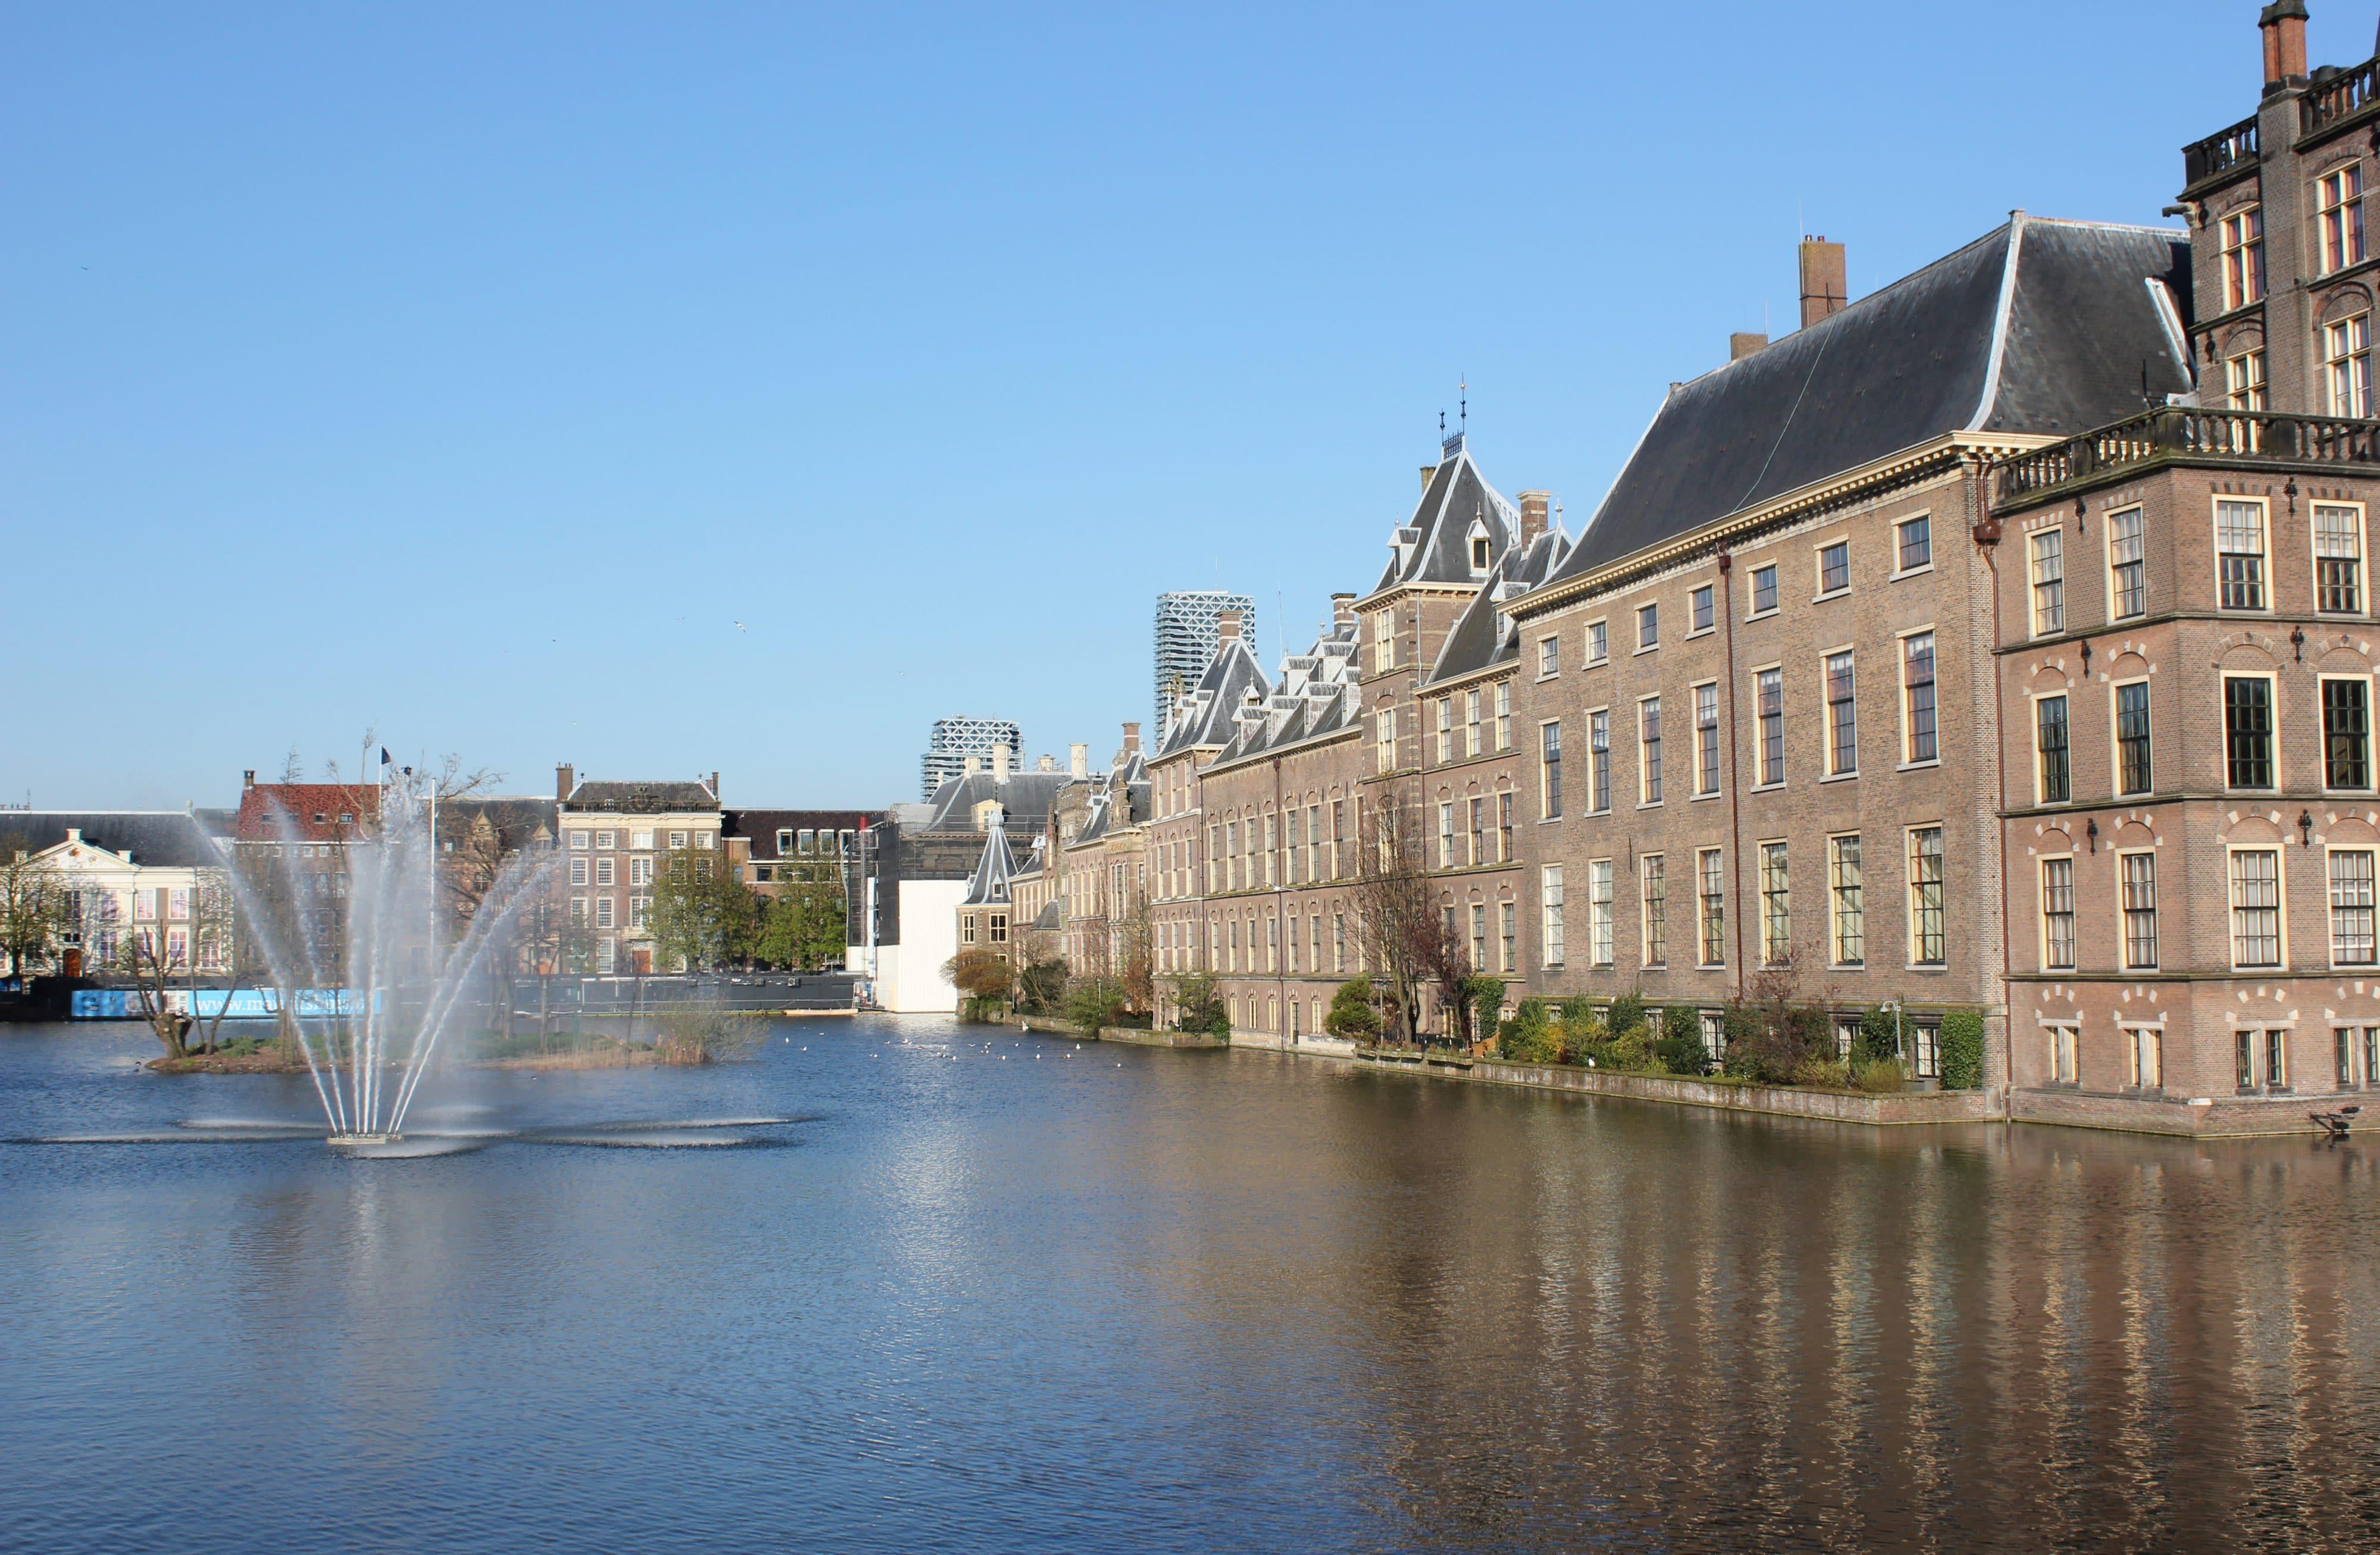 Binnenhof 2